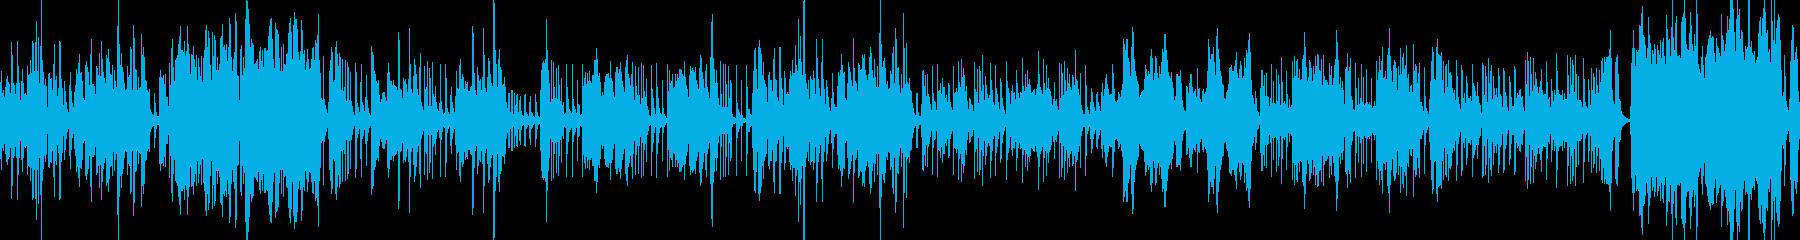 オーケストラ・コミカル・音質改善verの再生済みの波形